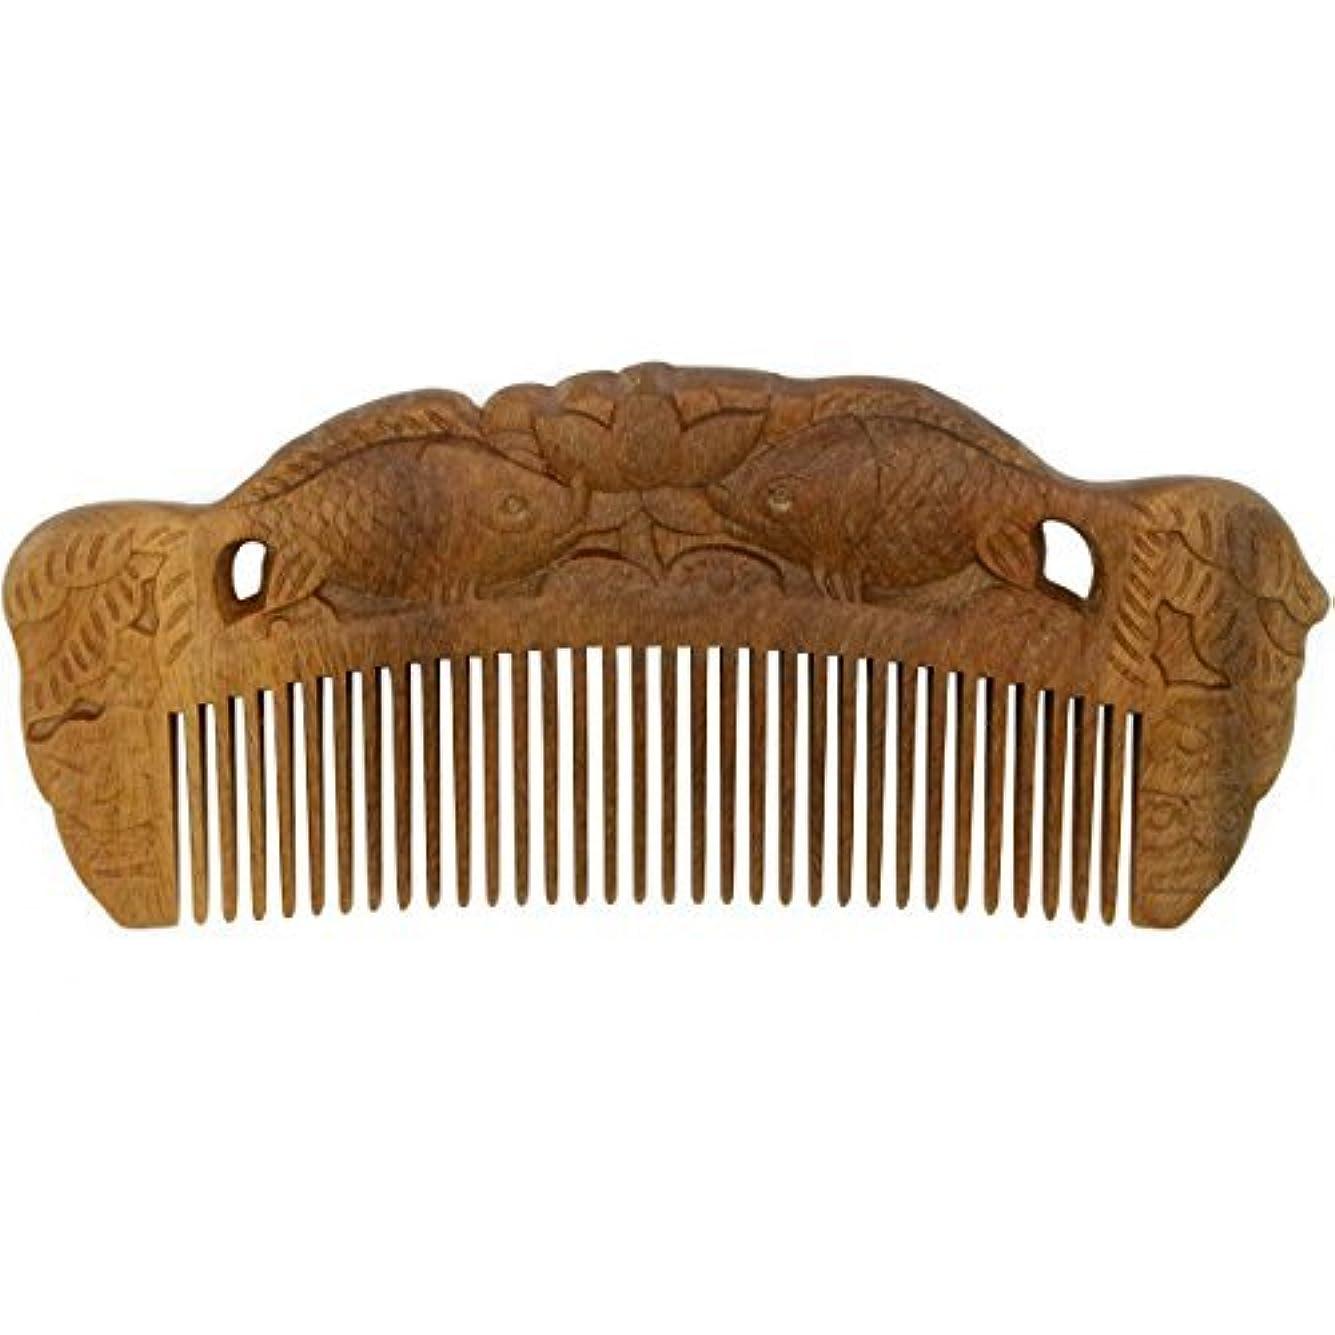 ご注意分散火炎YOY Handmade Carved Natural Sandalwood Hair Comb - Anti-static No Snag Brush for Men's Mustache Beard Care Anti...